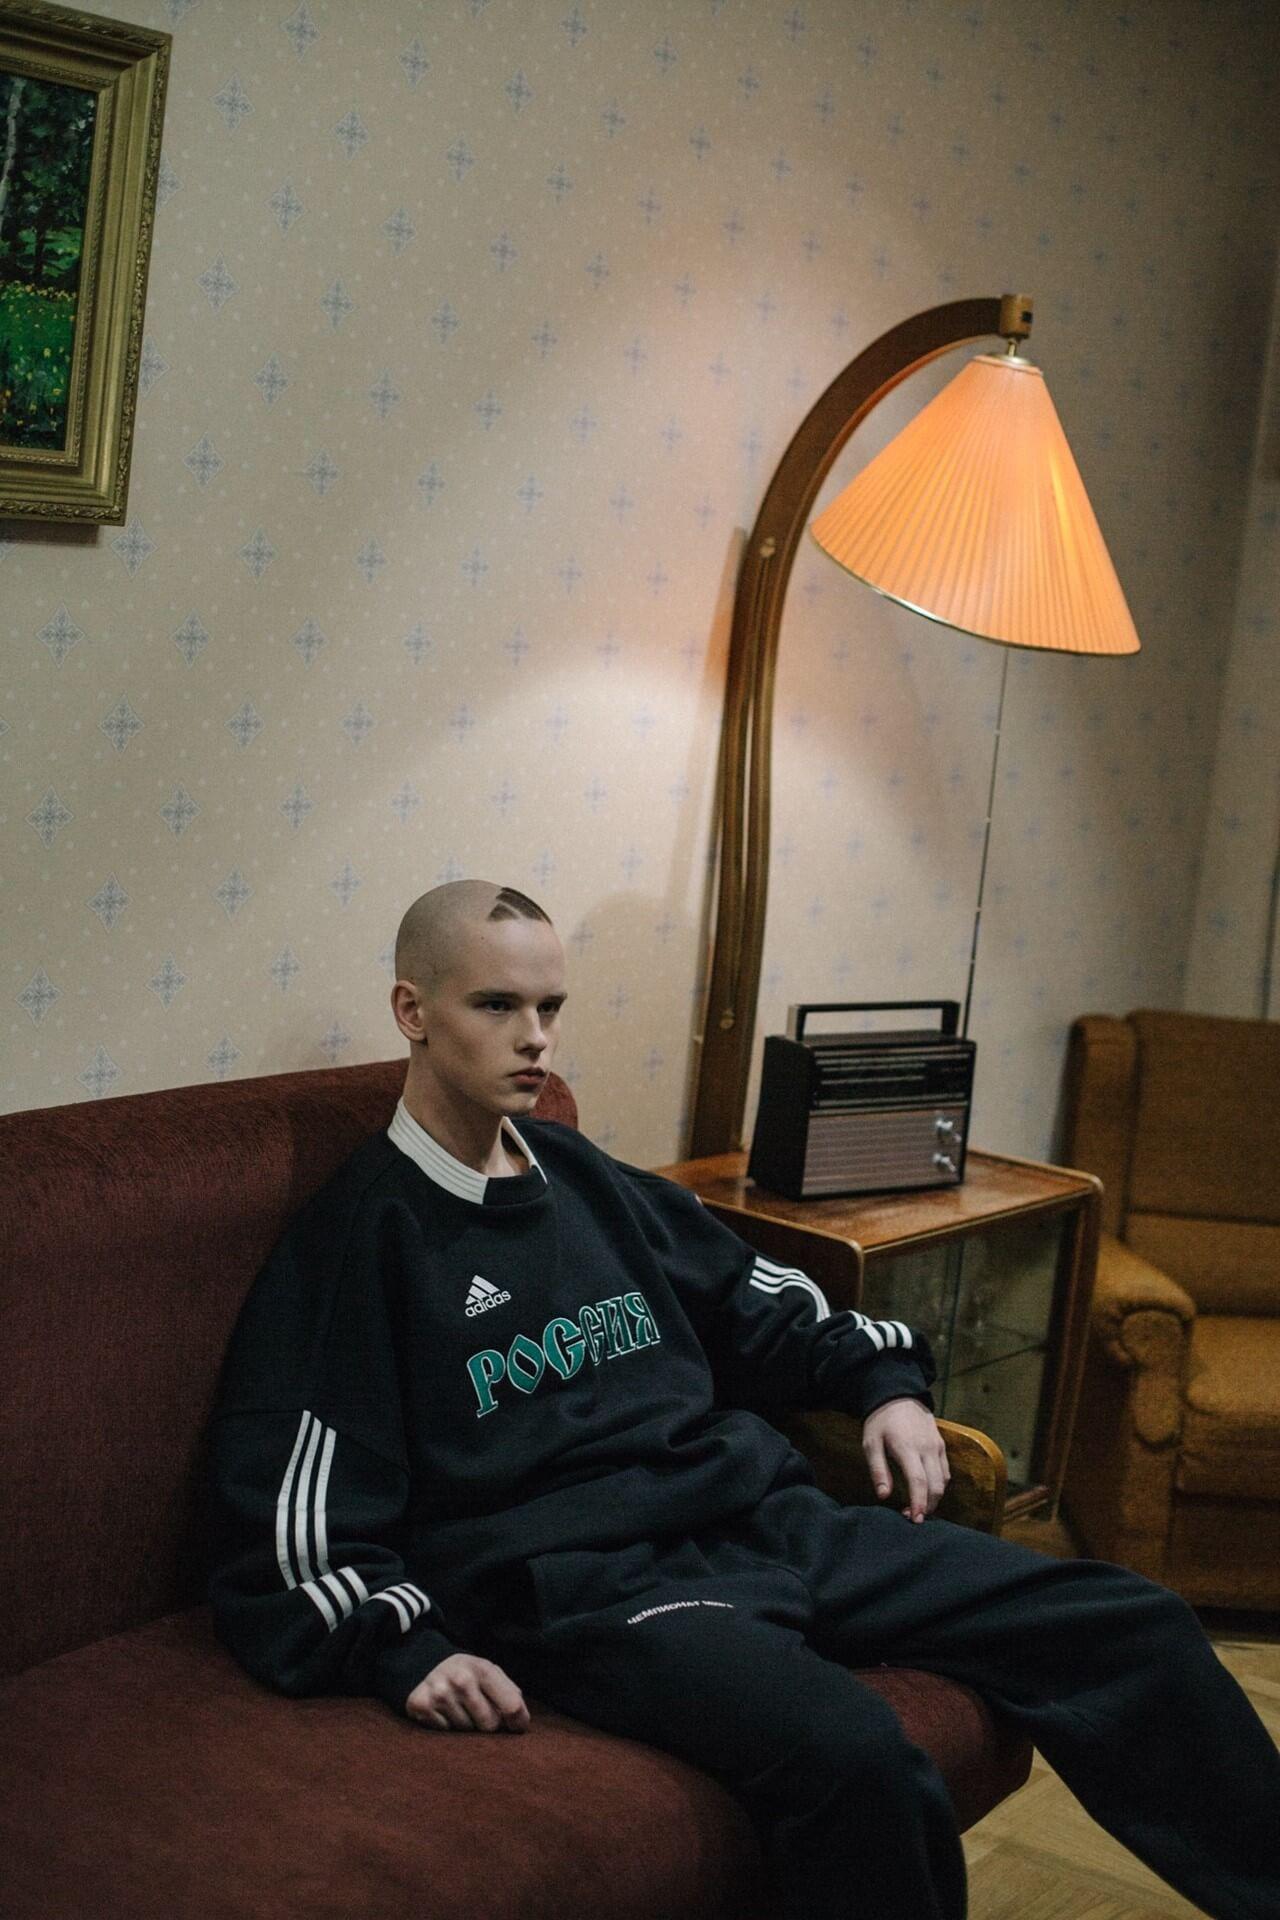 Gosha Rubchinskiy: Kitsch y streetwear post-soviético a tres rayas en colaboración con adidas